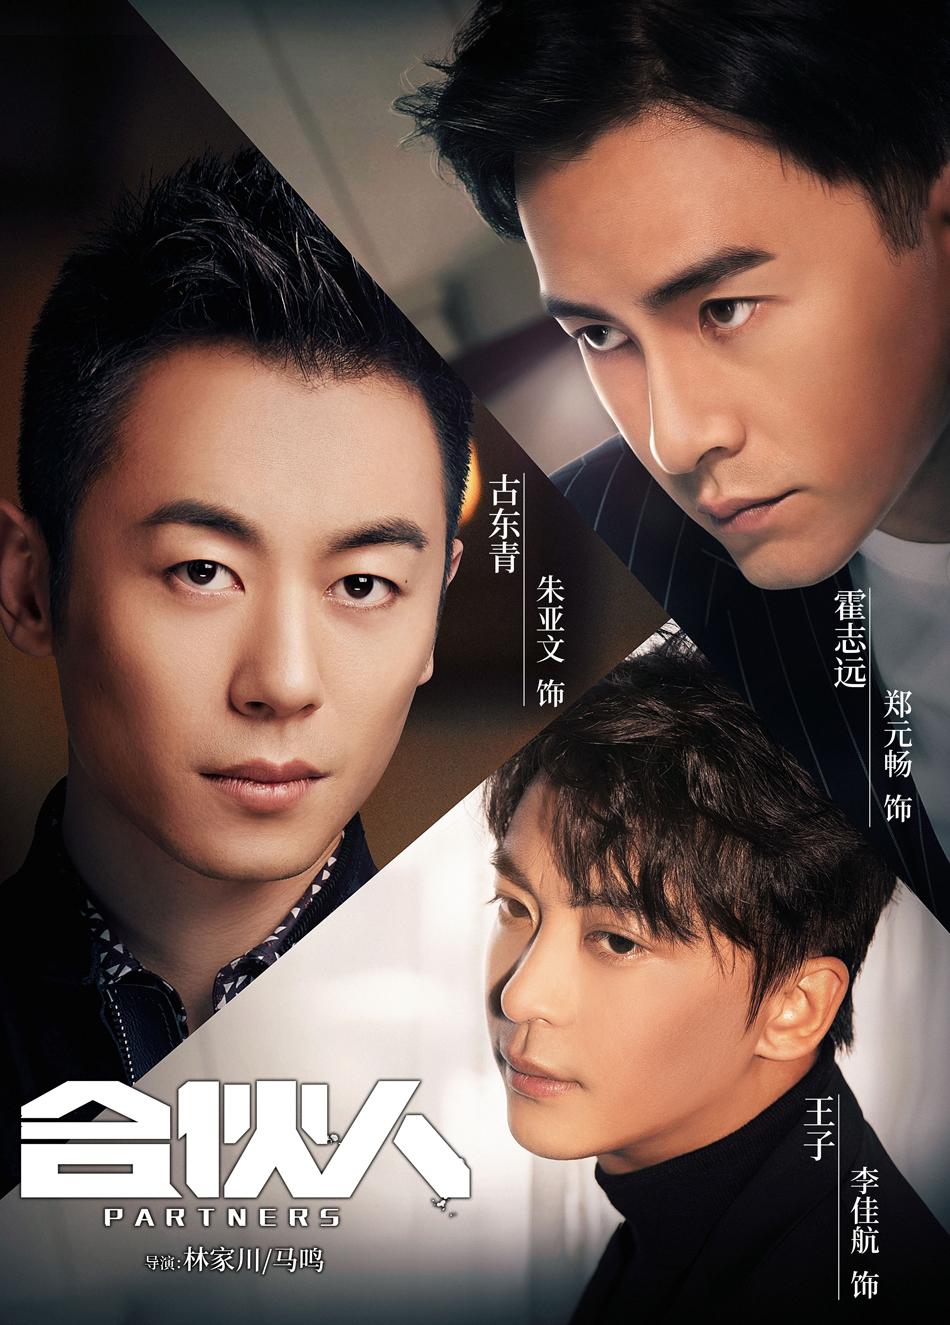 """《合伙人》主题曲MV上线 """"合伙boys""""深情献唱"""